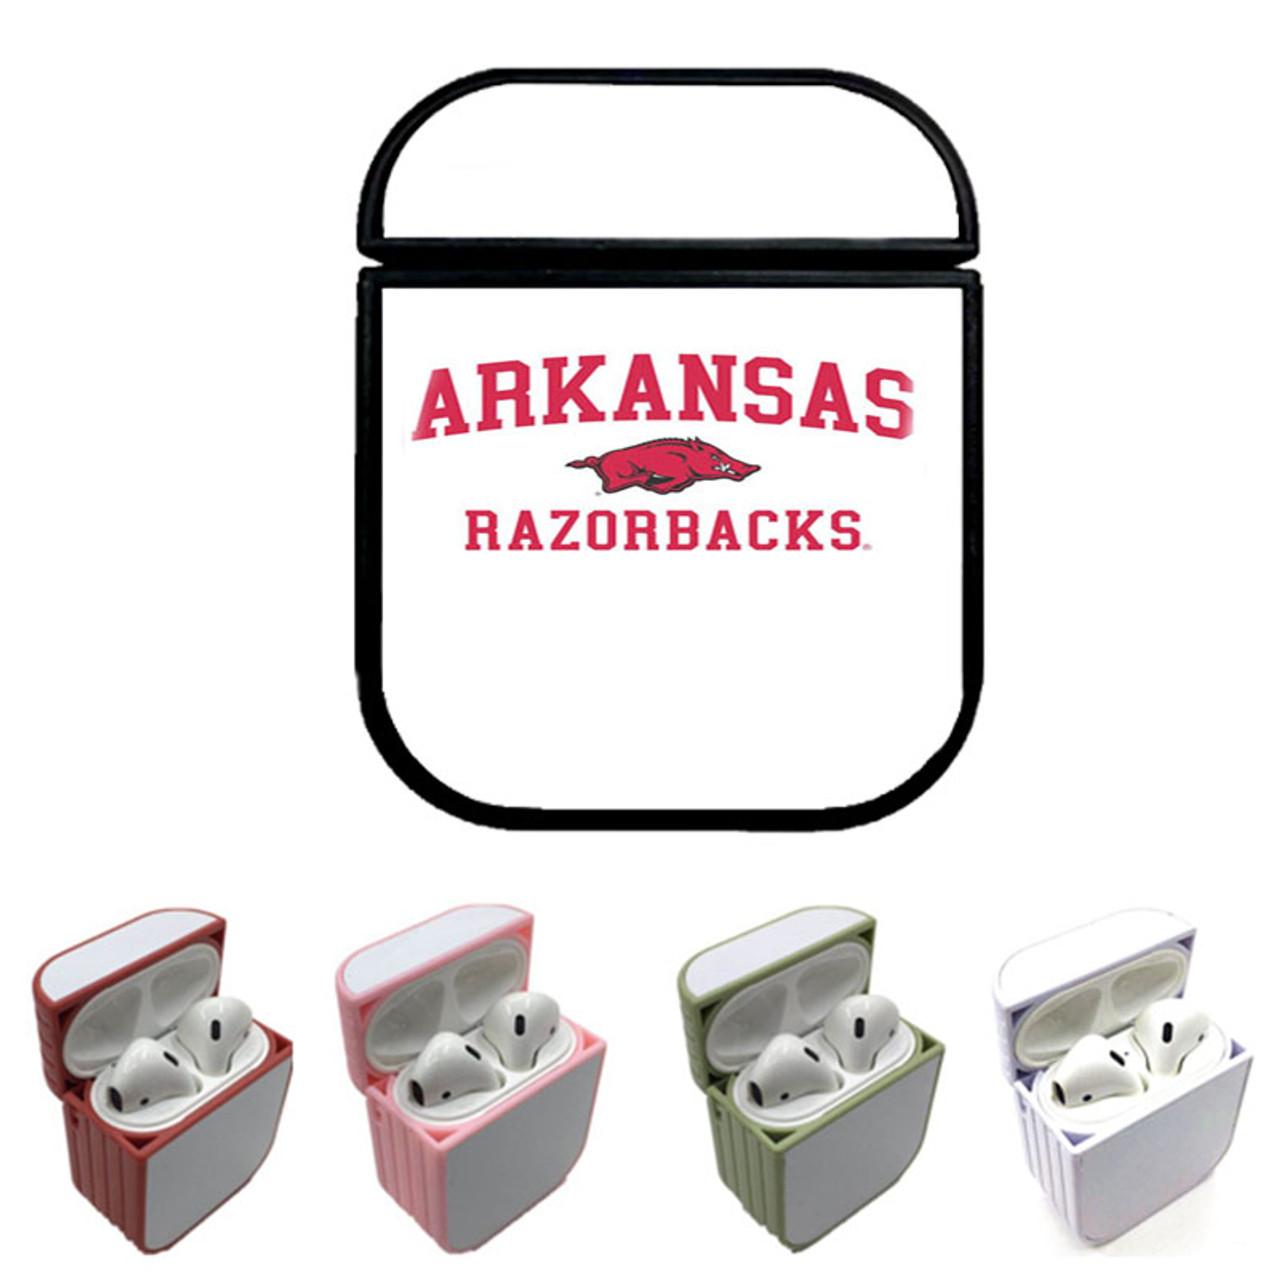 Arkansas Razorbacks AirPods Pro Silicone Case Cover